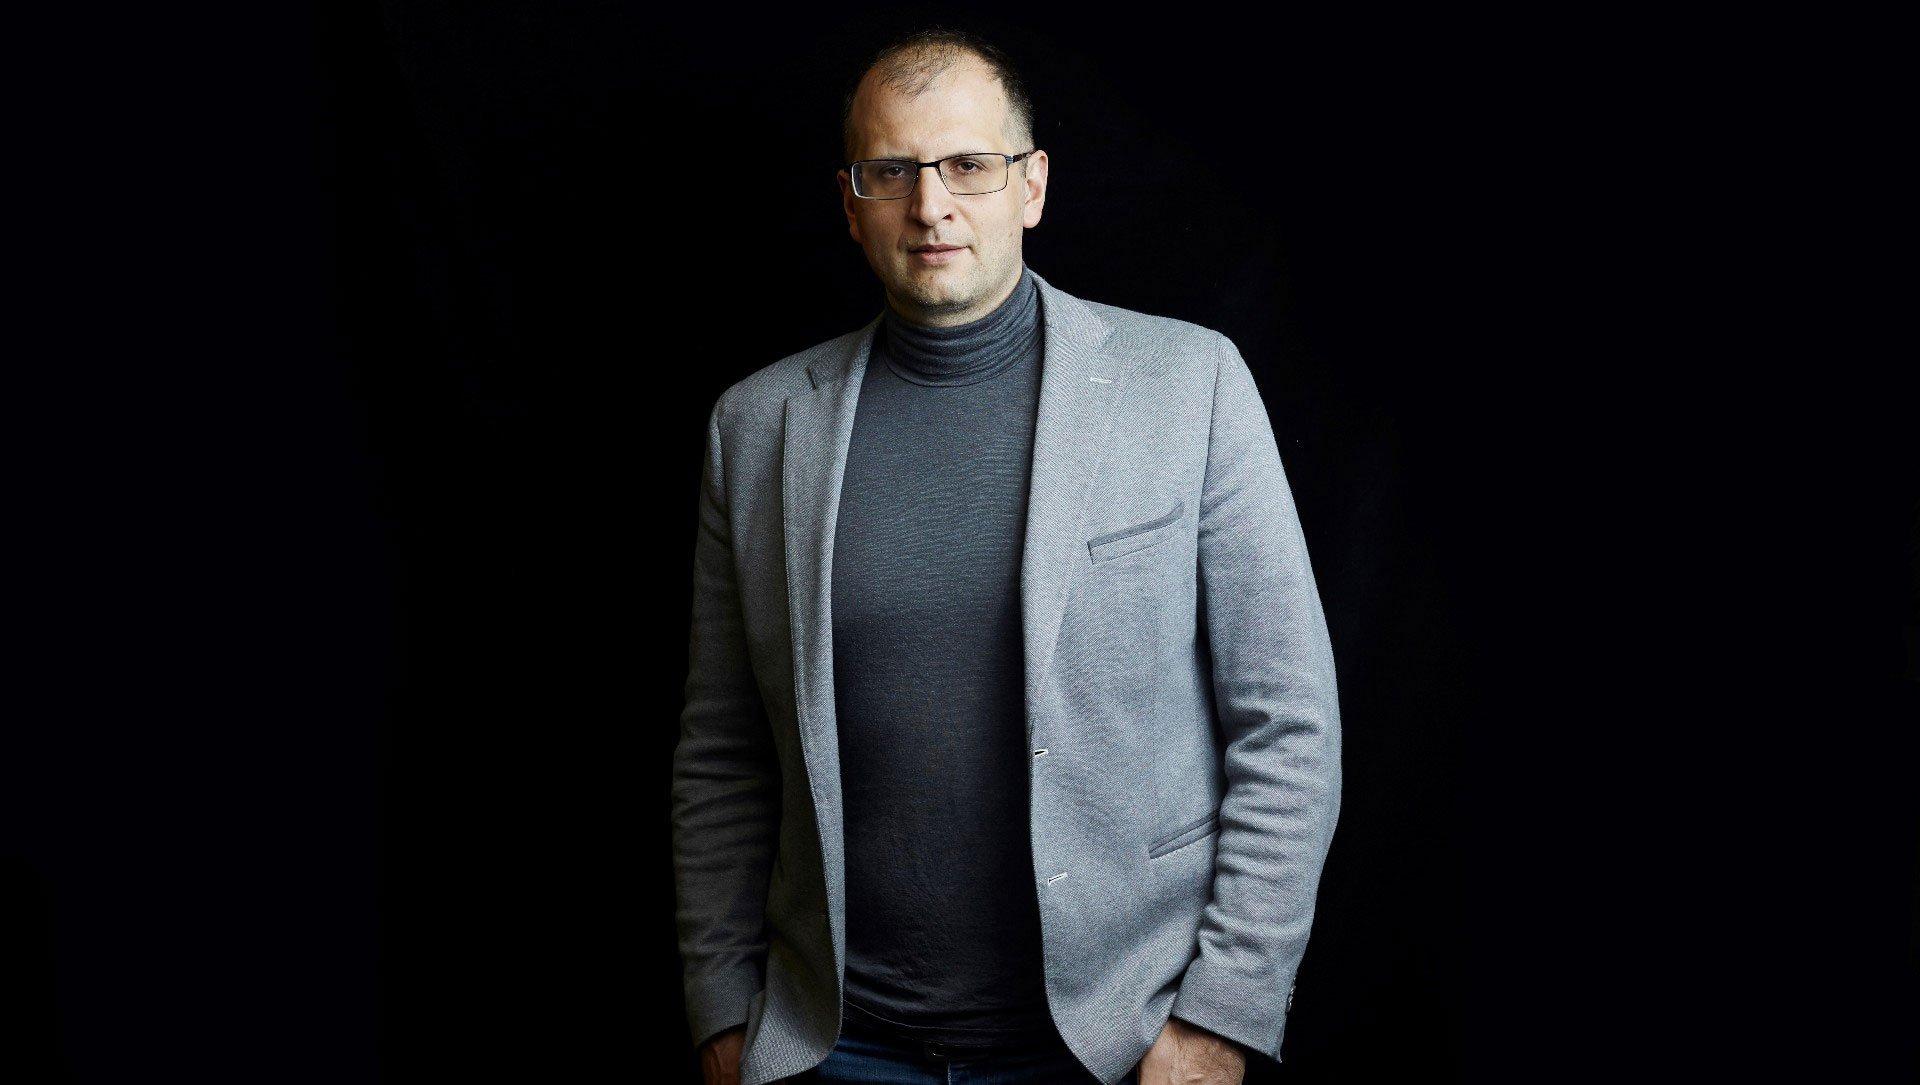 Марк Завадский уходит изAlibaba после четырех лет работы